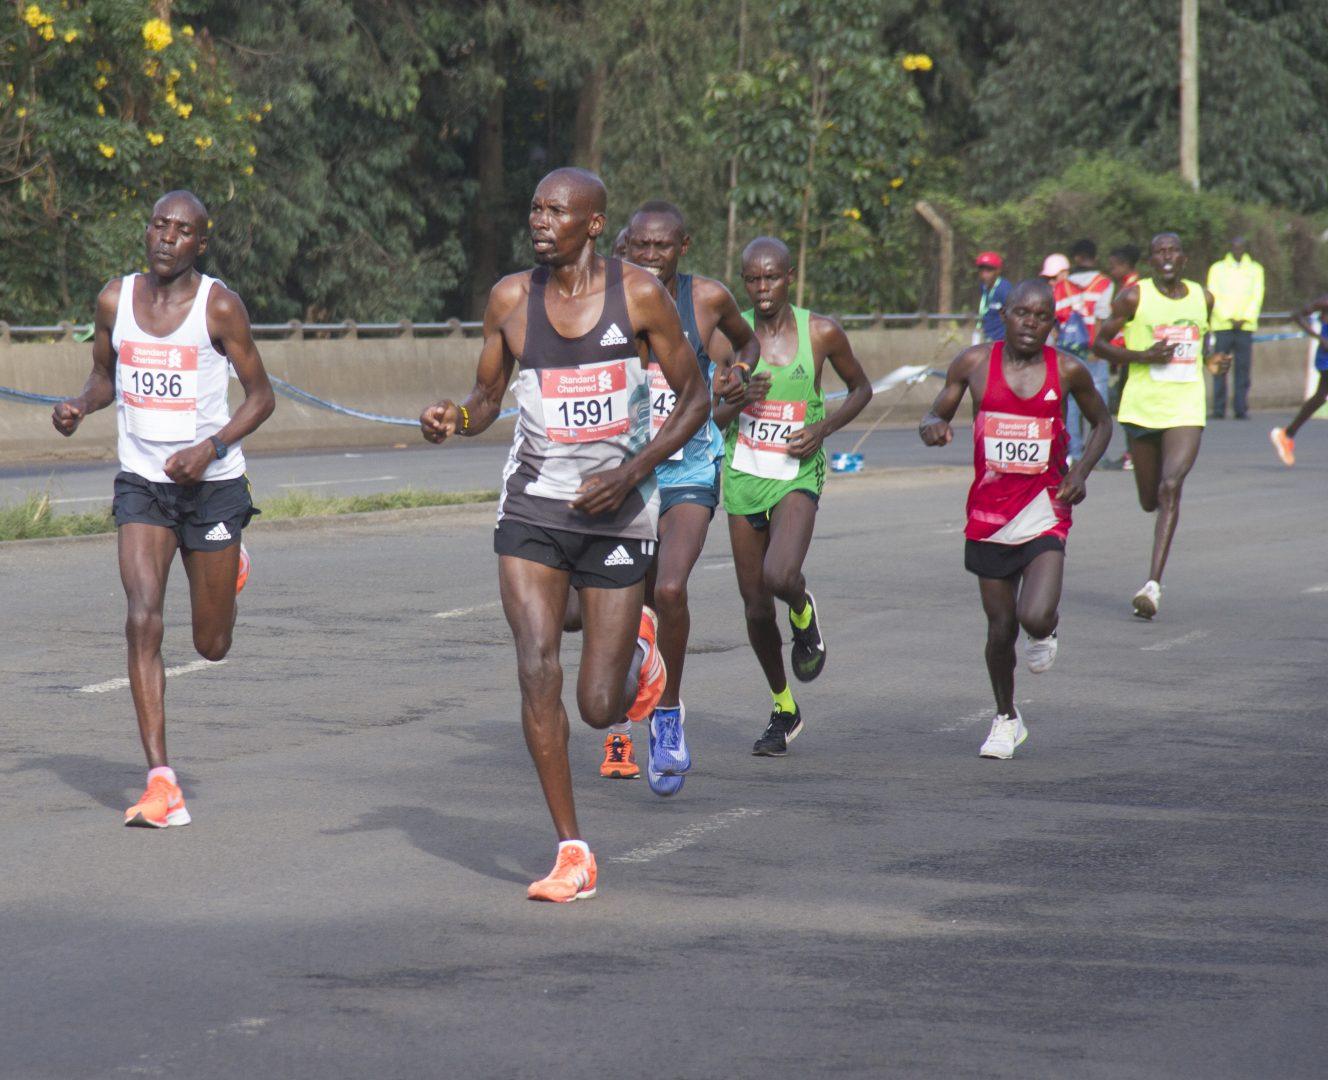 https://www.nairobimarathon.com/wp-content/uploads/2021/07/MG_4711.jpg